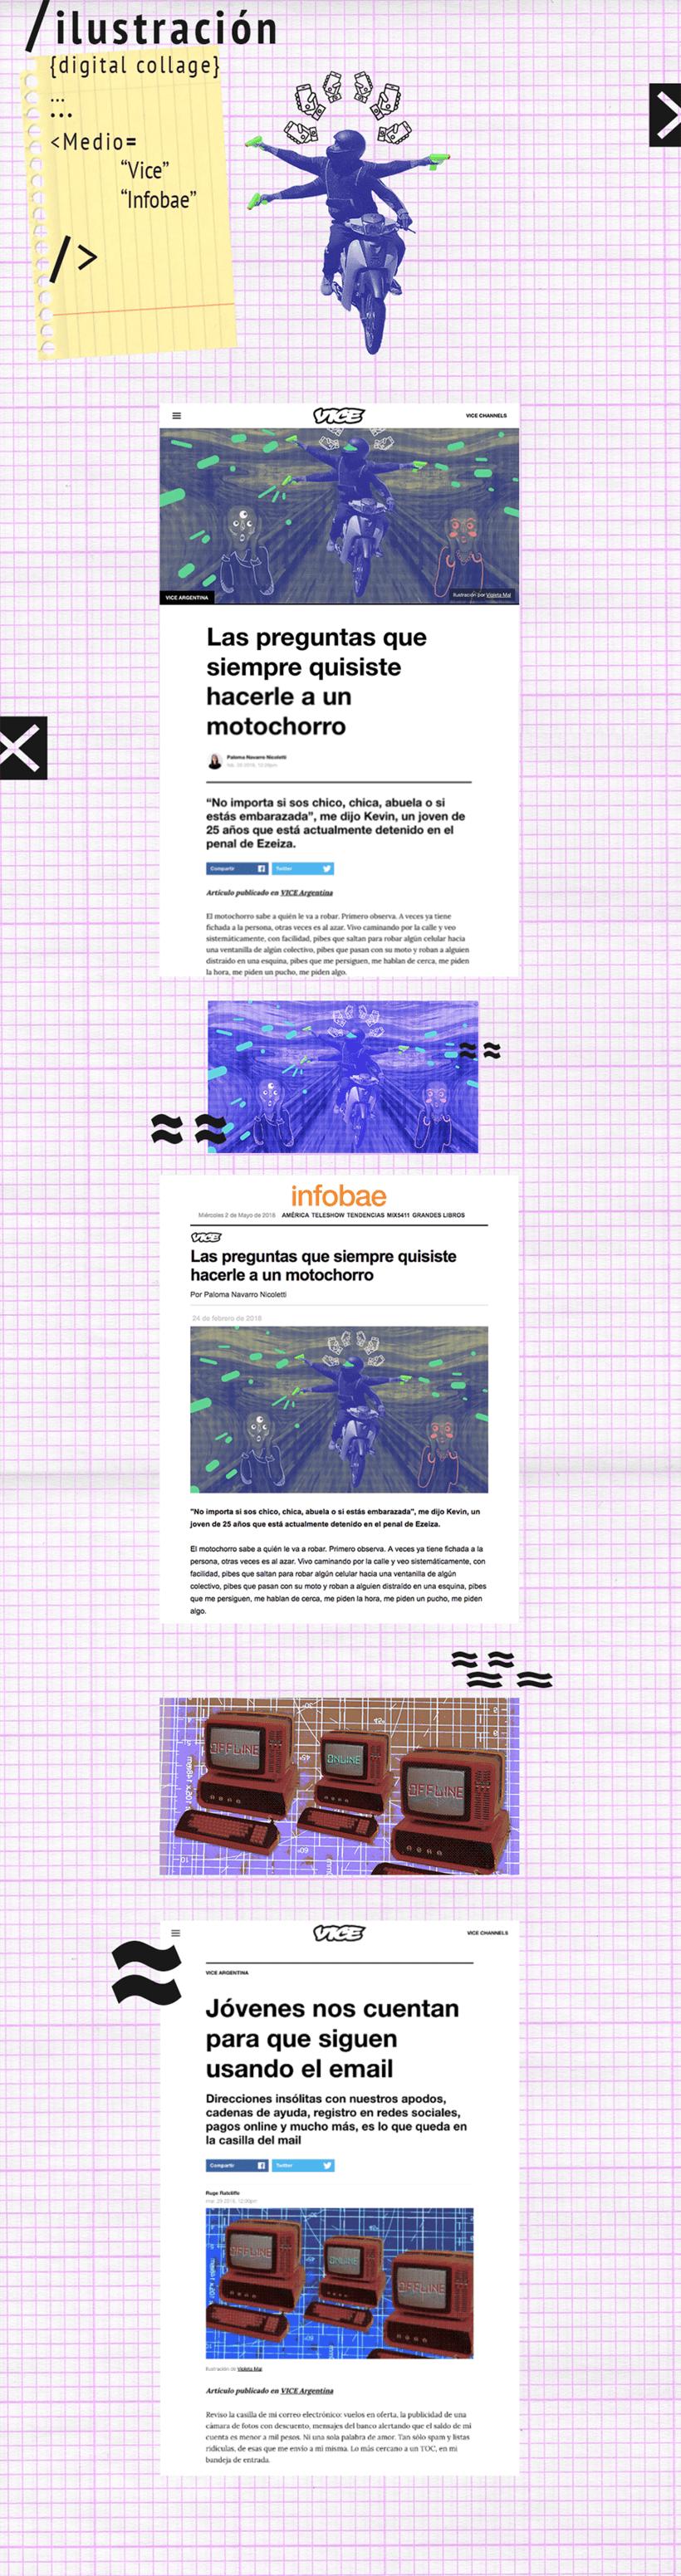 Ilustración: collage digital para medios gráficos  0